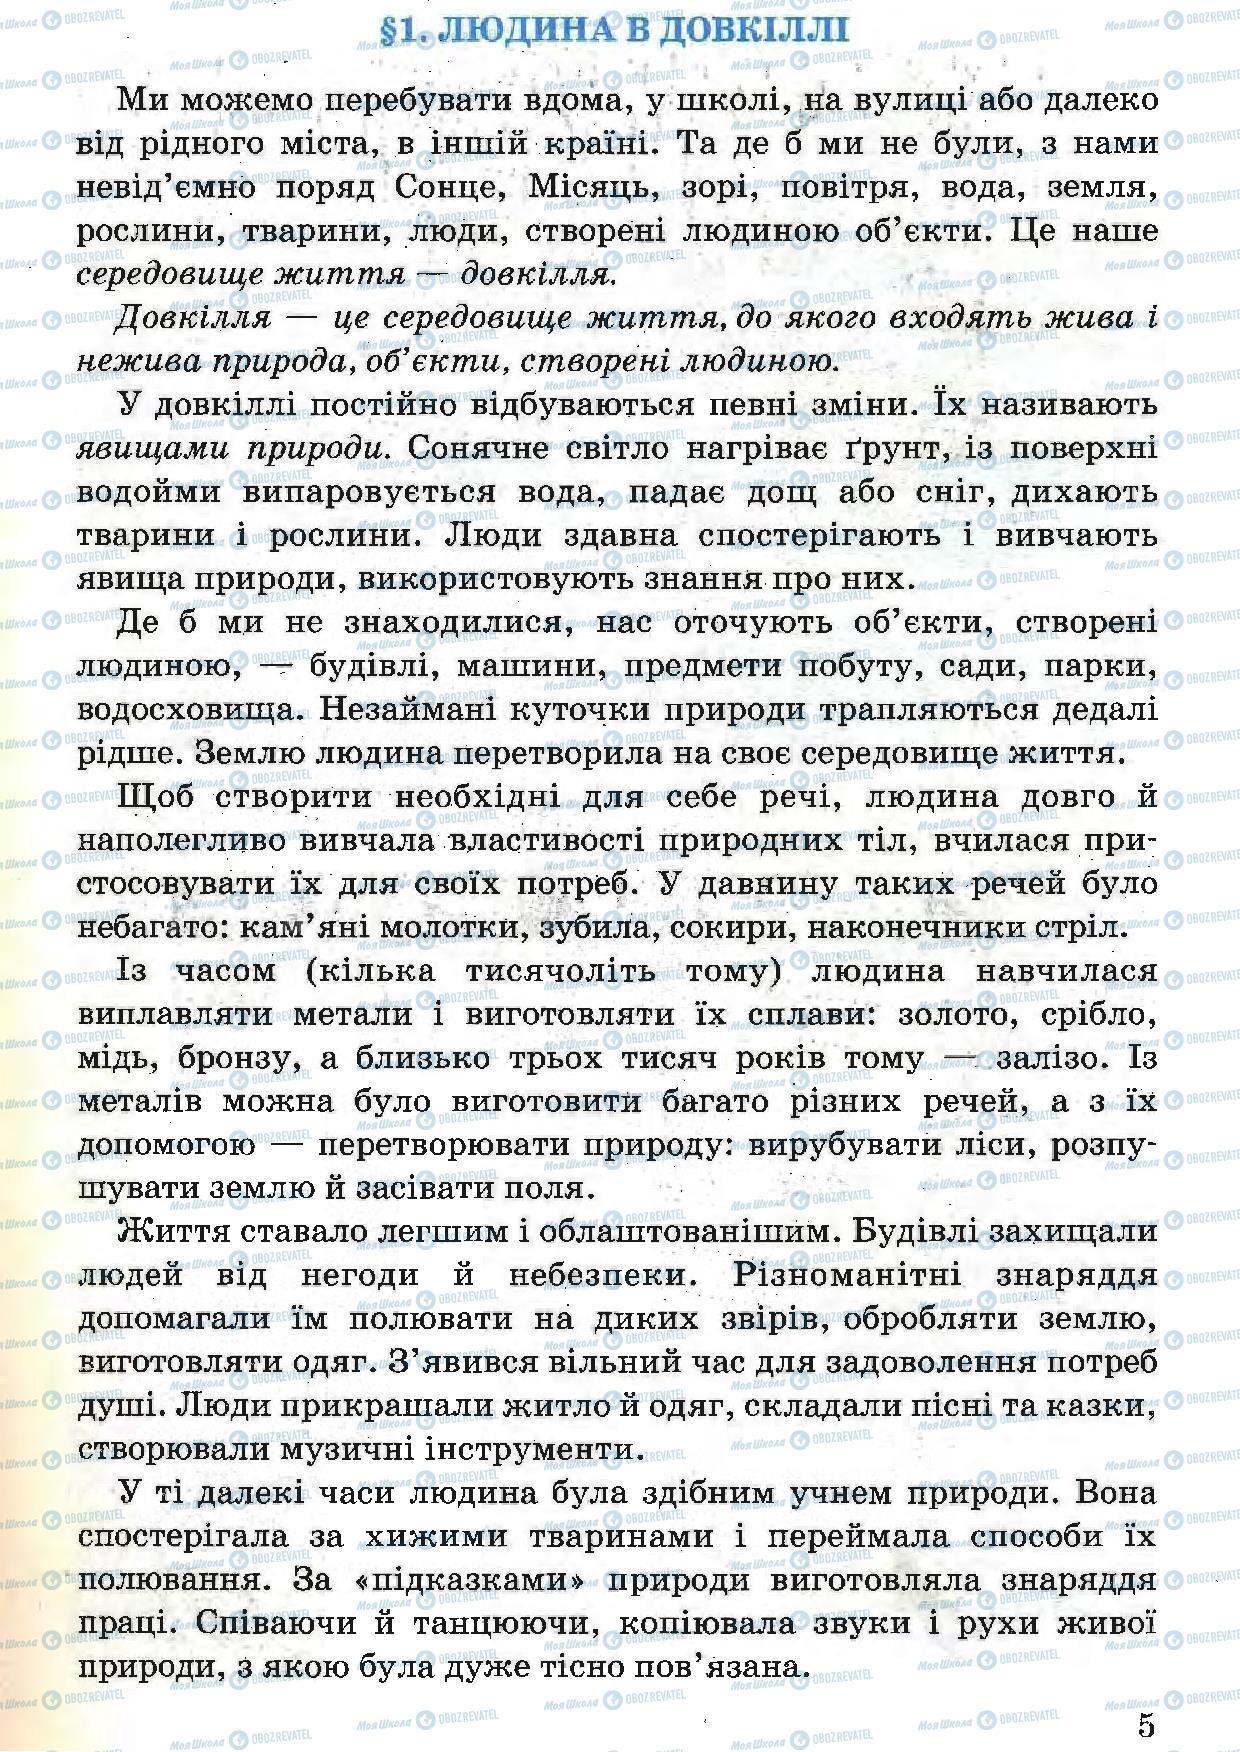 Підручники Природознавство 5 клас сторінка 5